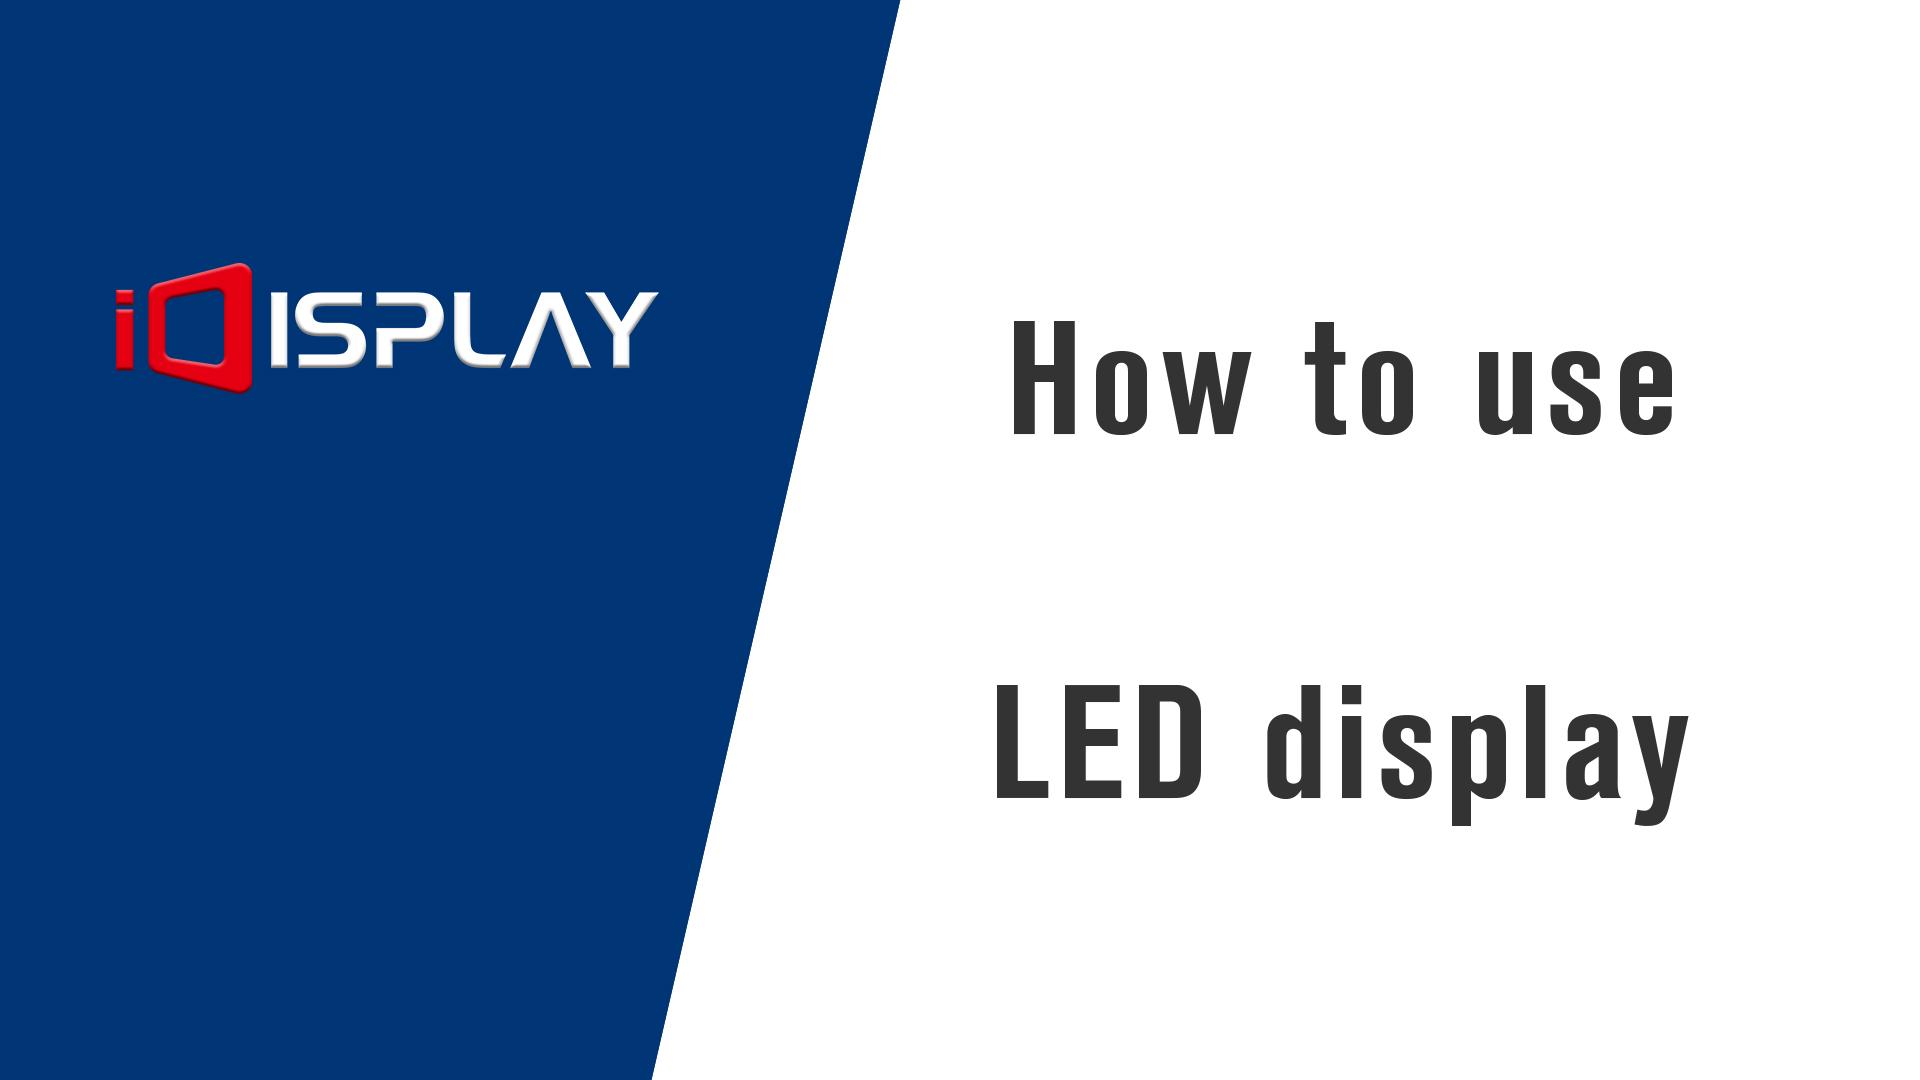 Led ekran yazılımı nasıl kullanılır - Shenzhen iDisplay Technology Co., Ltd